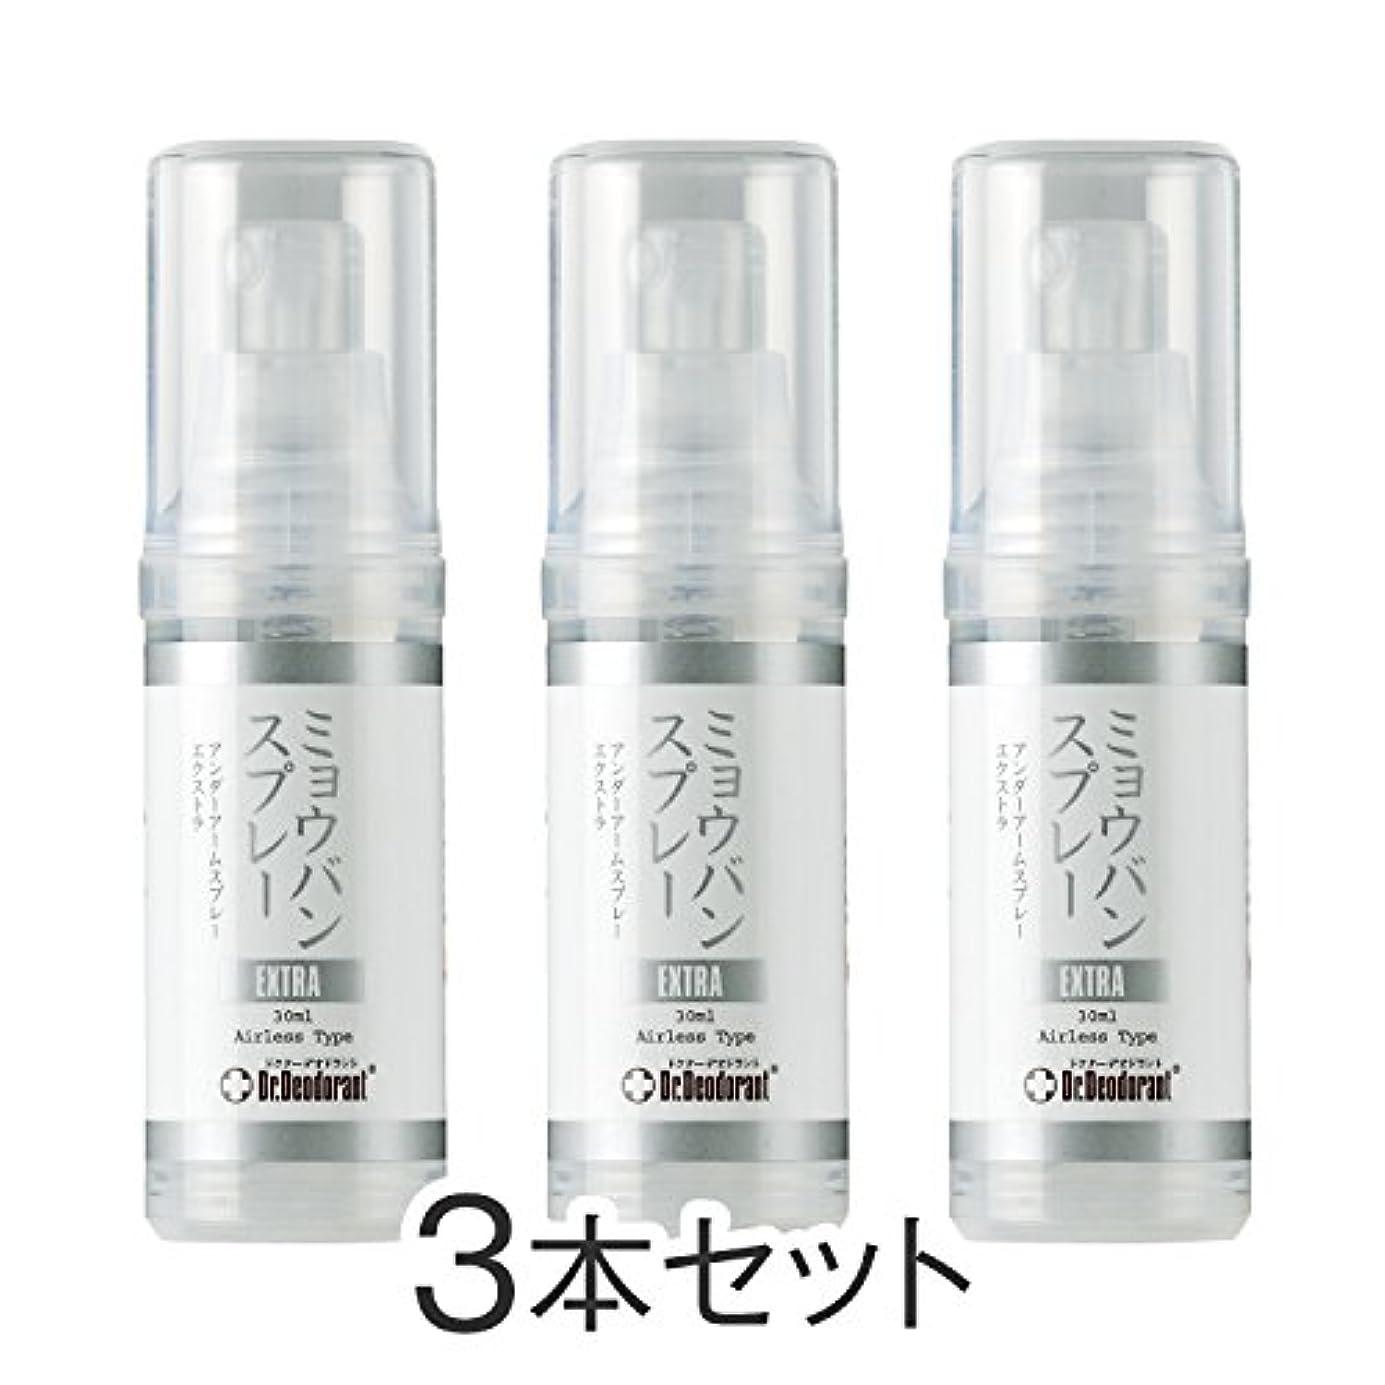 香ばしいフリル雑品ドクターデオドラント ミョウバンスプレーEX(3本セット)